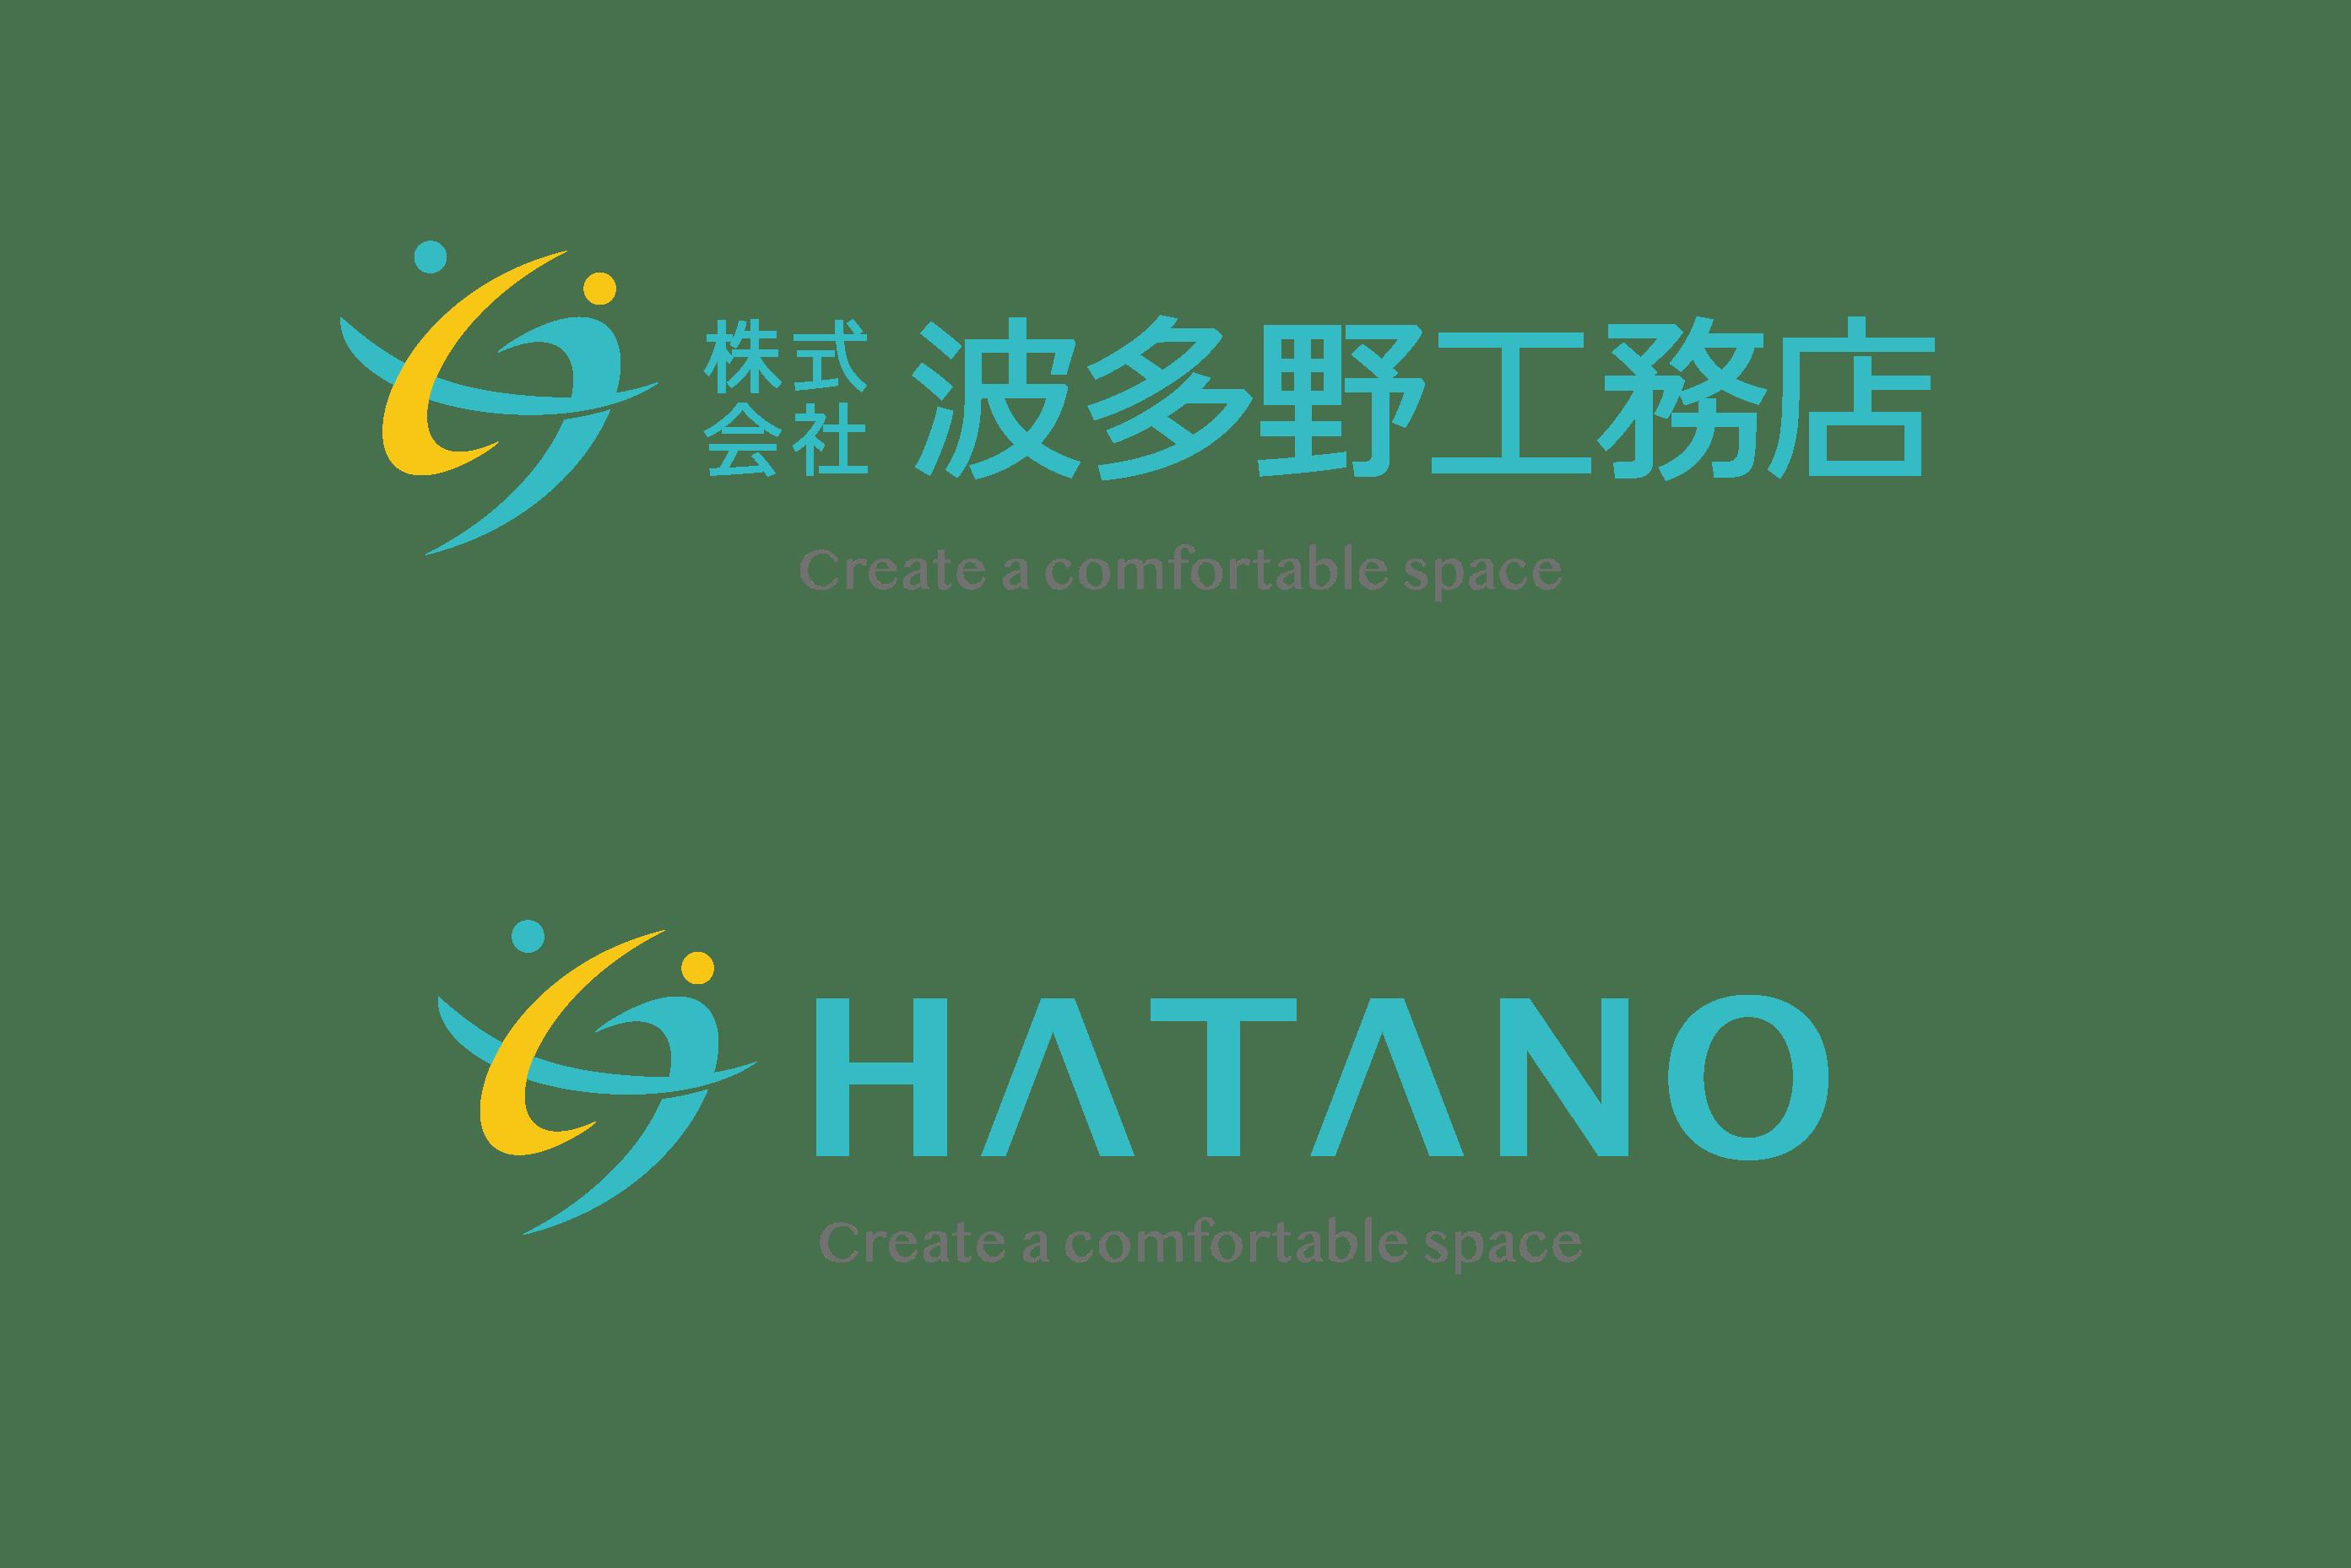 波多野工務店ロゴのイメージ